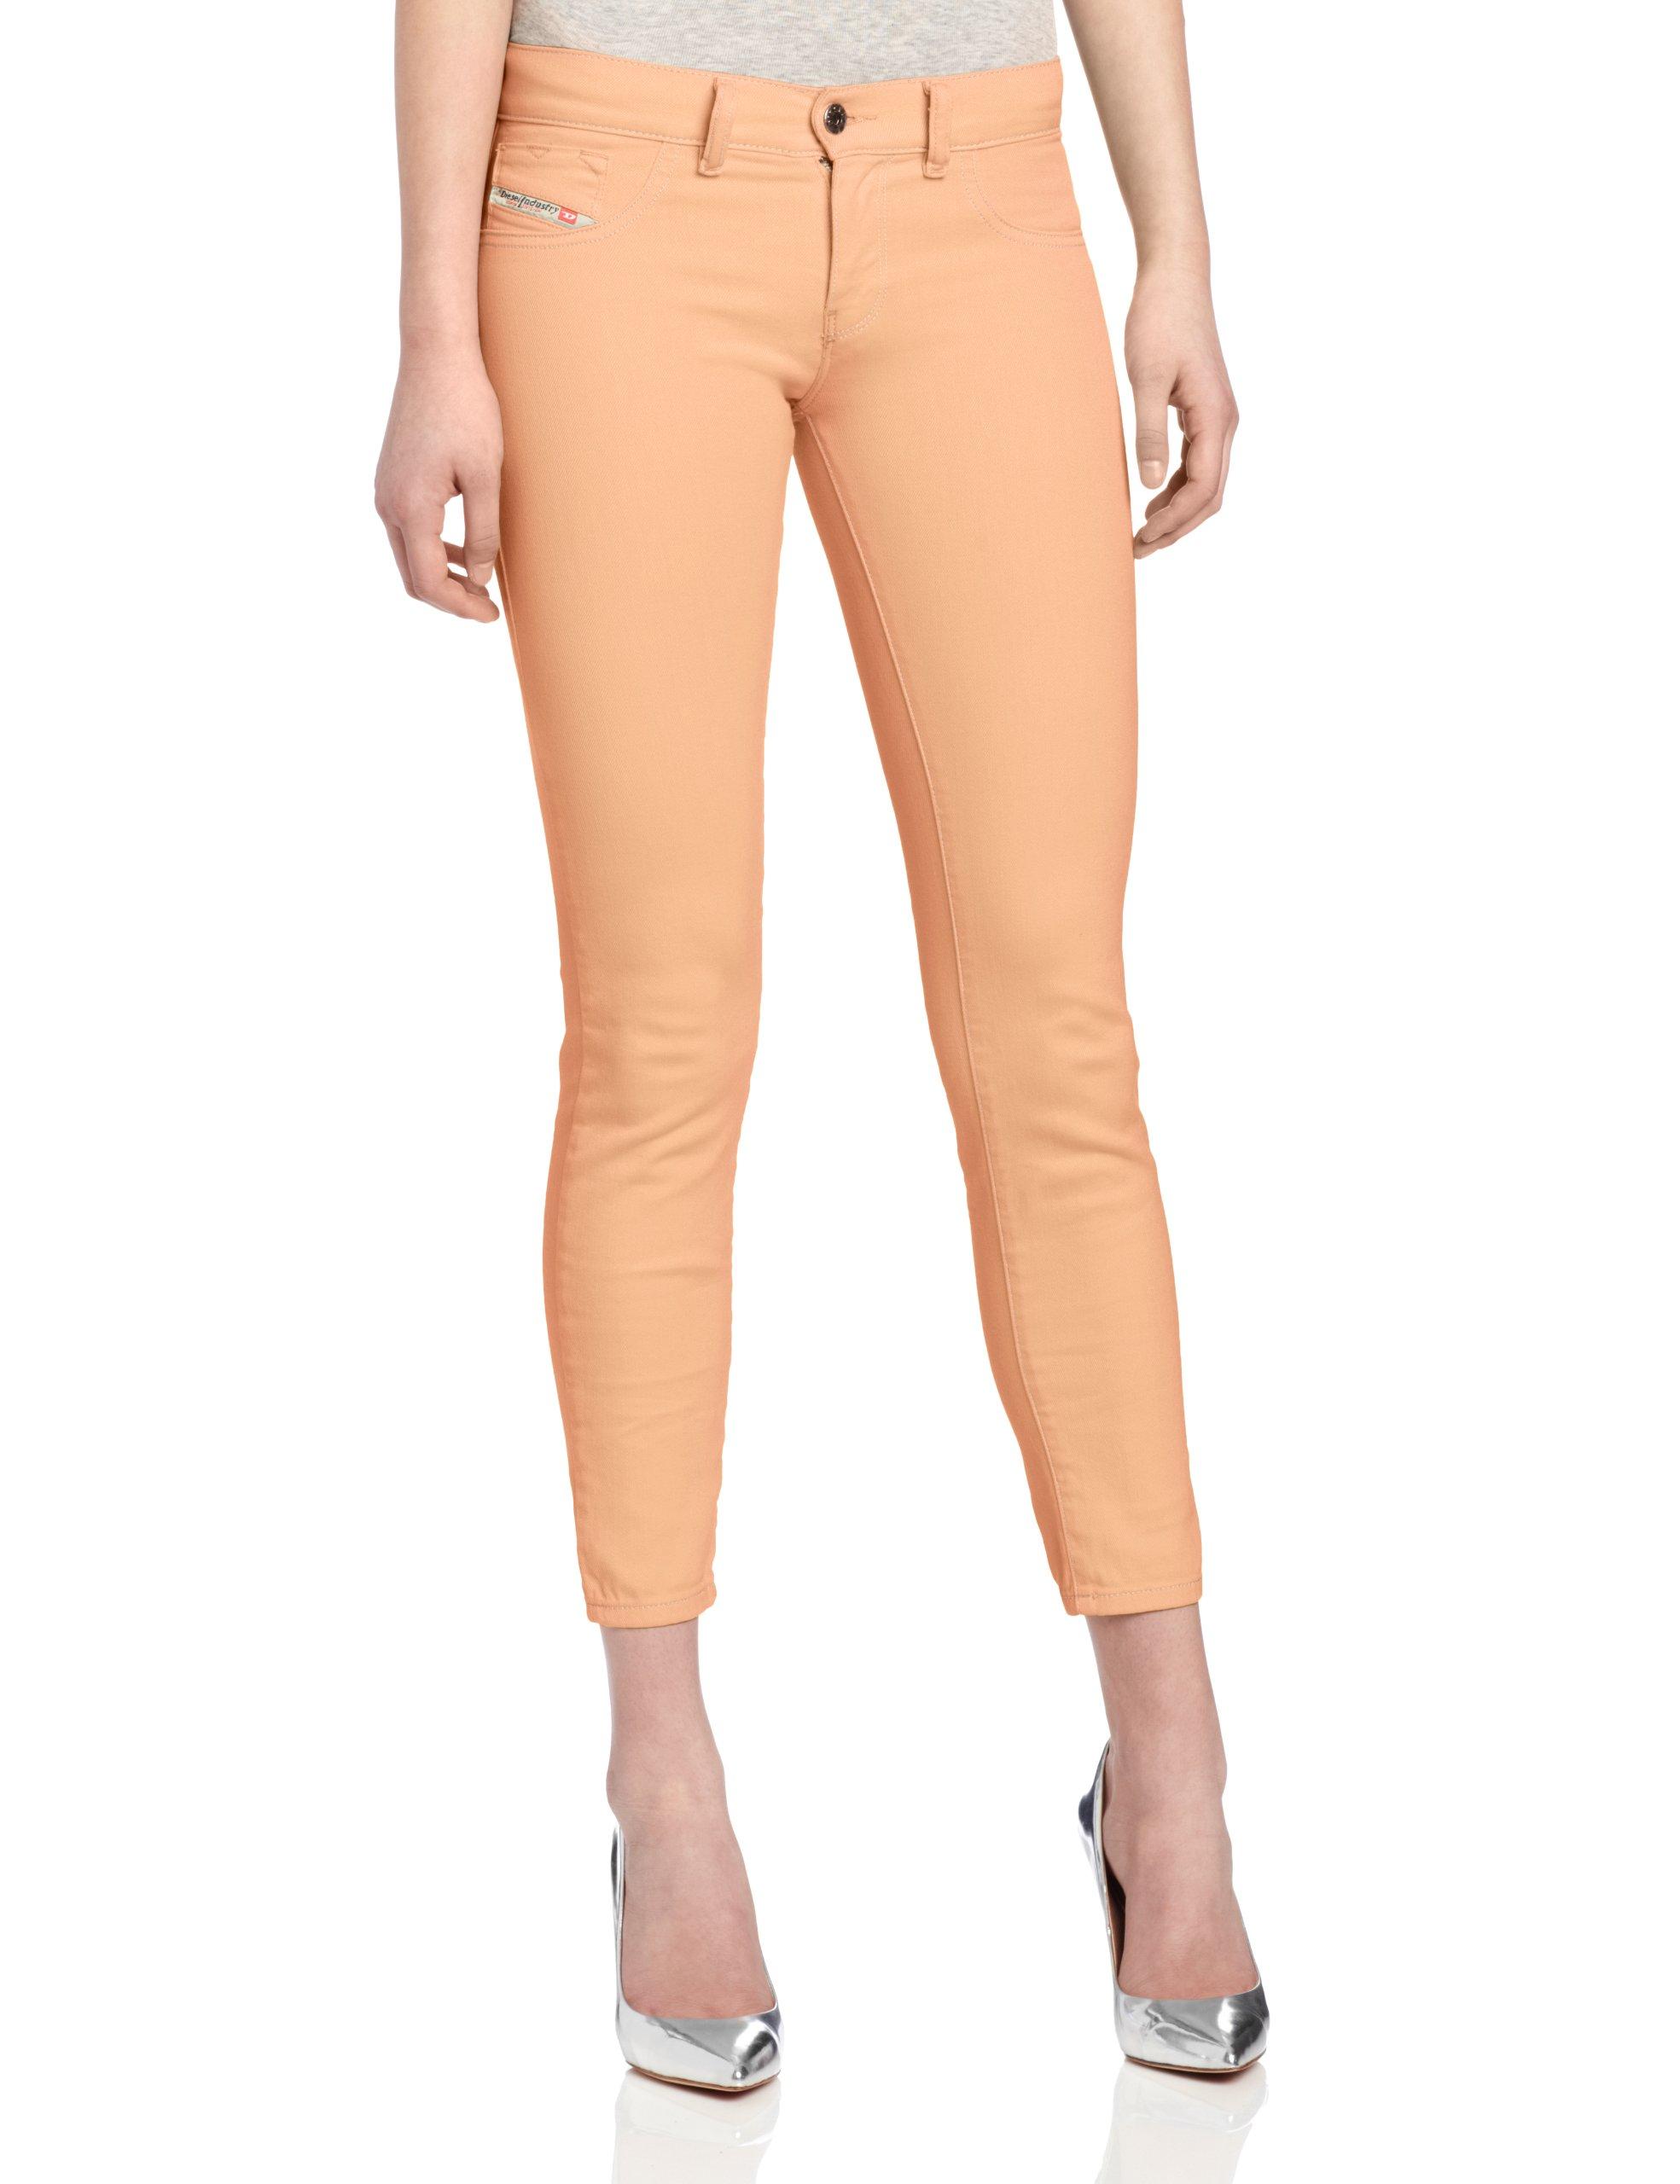 Diesel Women's Livier Super-Slim Legging Jean 0661V, Peach, 29